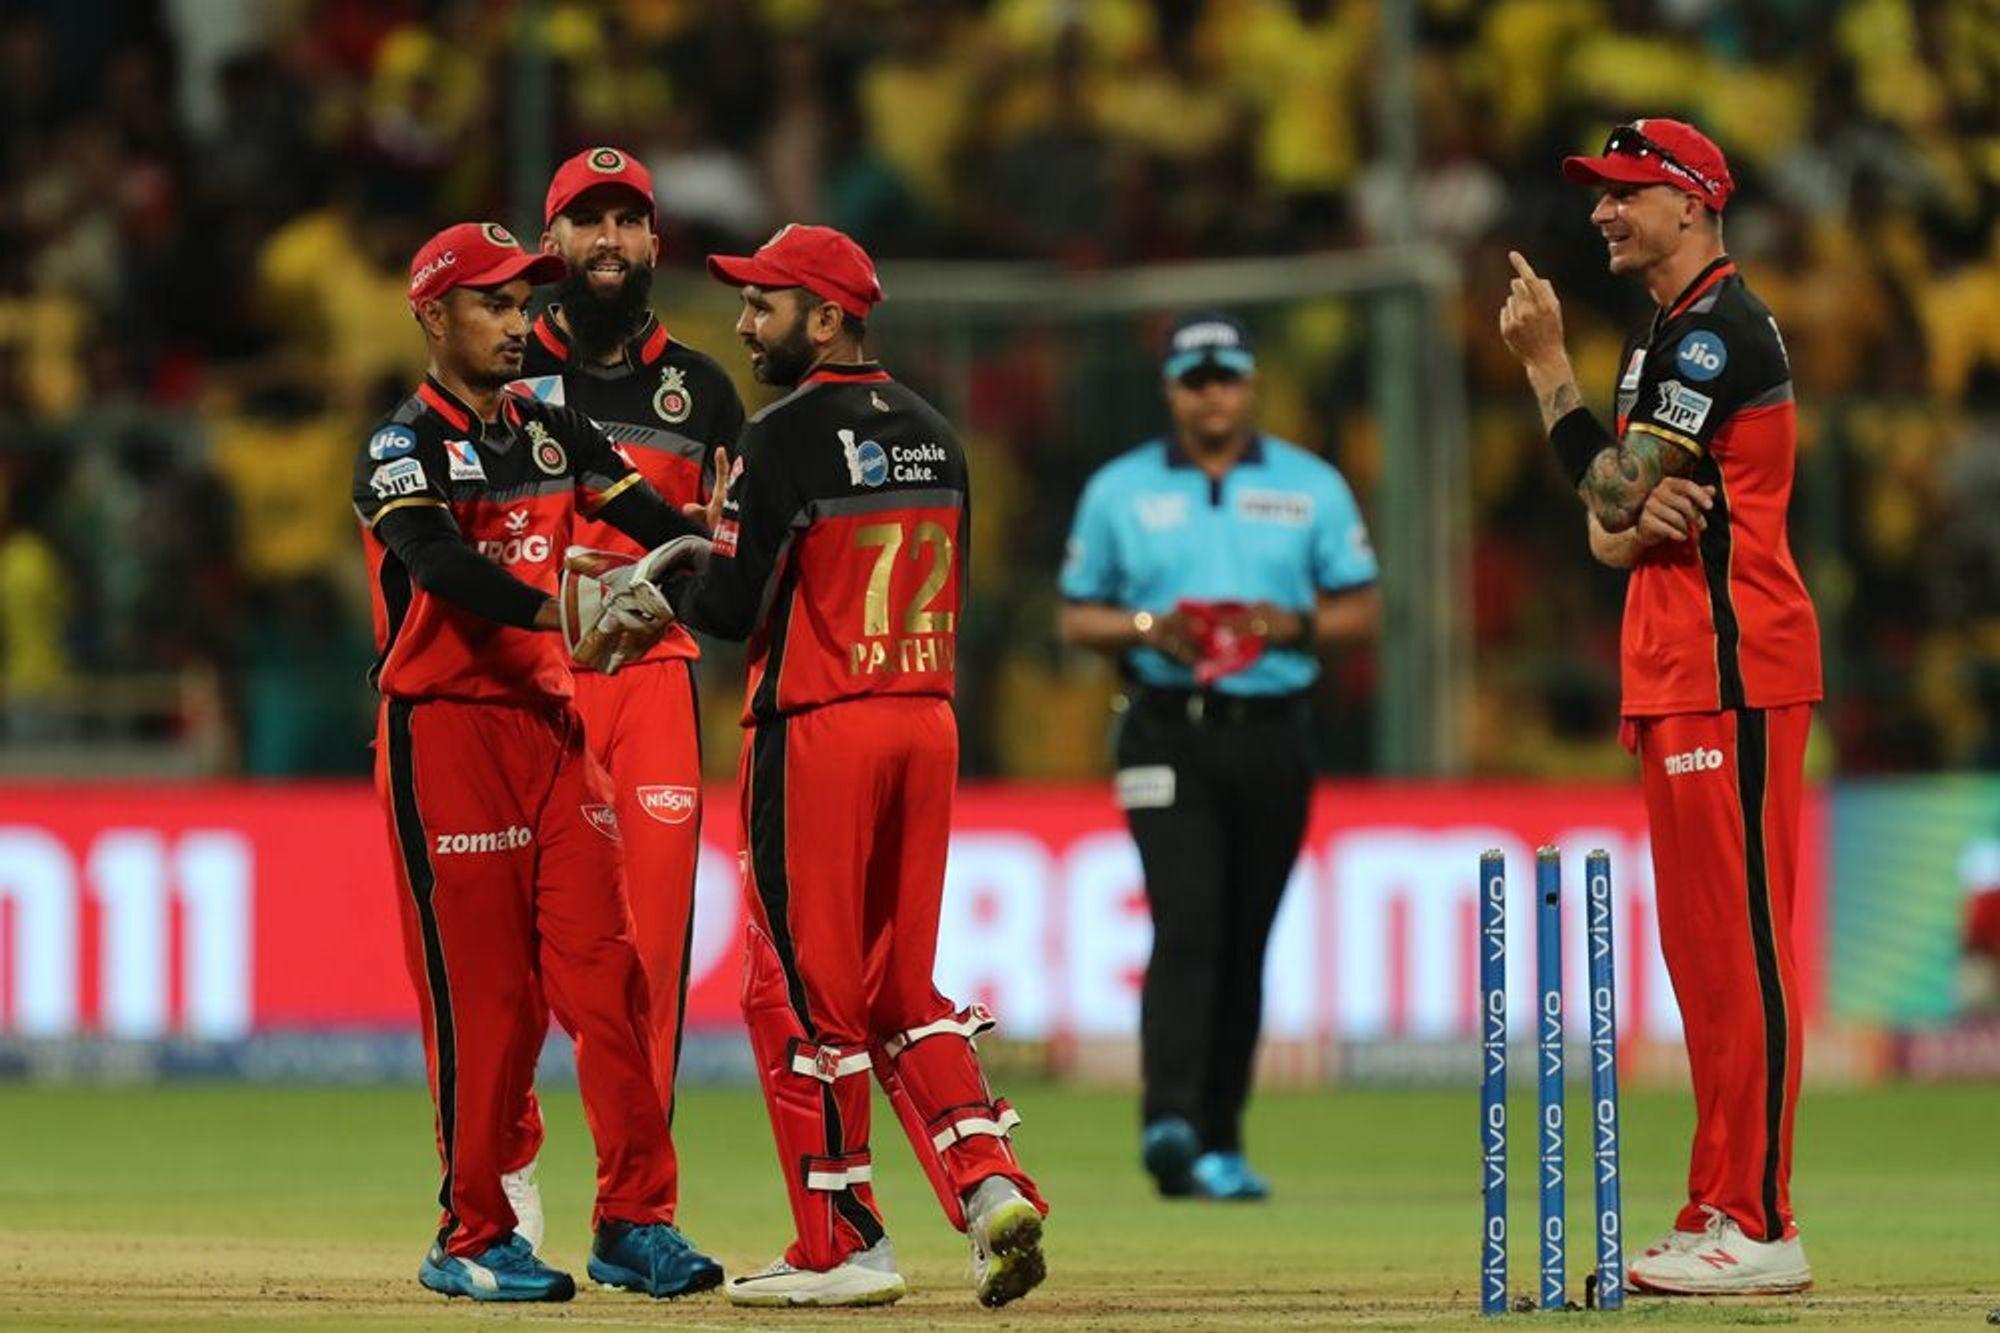 आईपीएल 2019: पार्थिव पटेल की बदौलत रोमांचक मैच में जीता बैंगलोर तो मोहम्मद सिराज ने किया कुछ ऐसा जीत लिया दिल 41